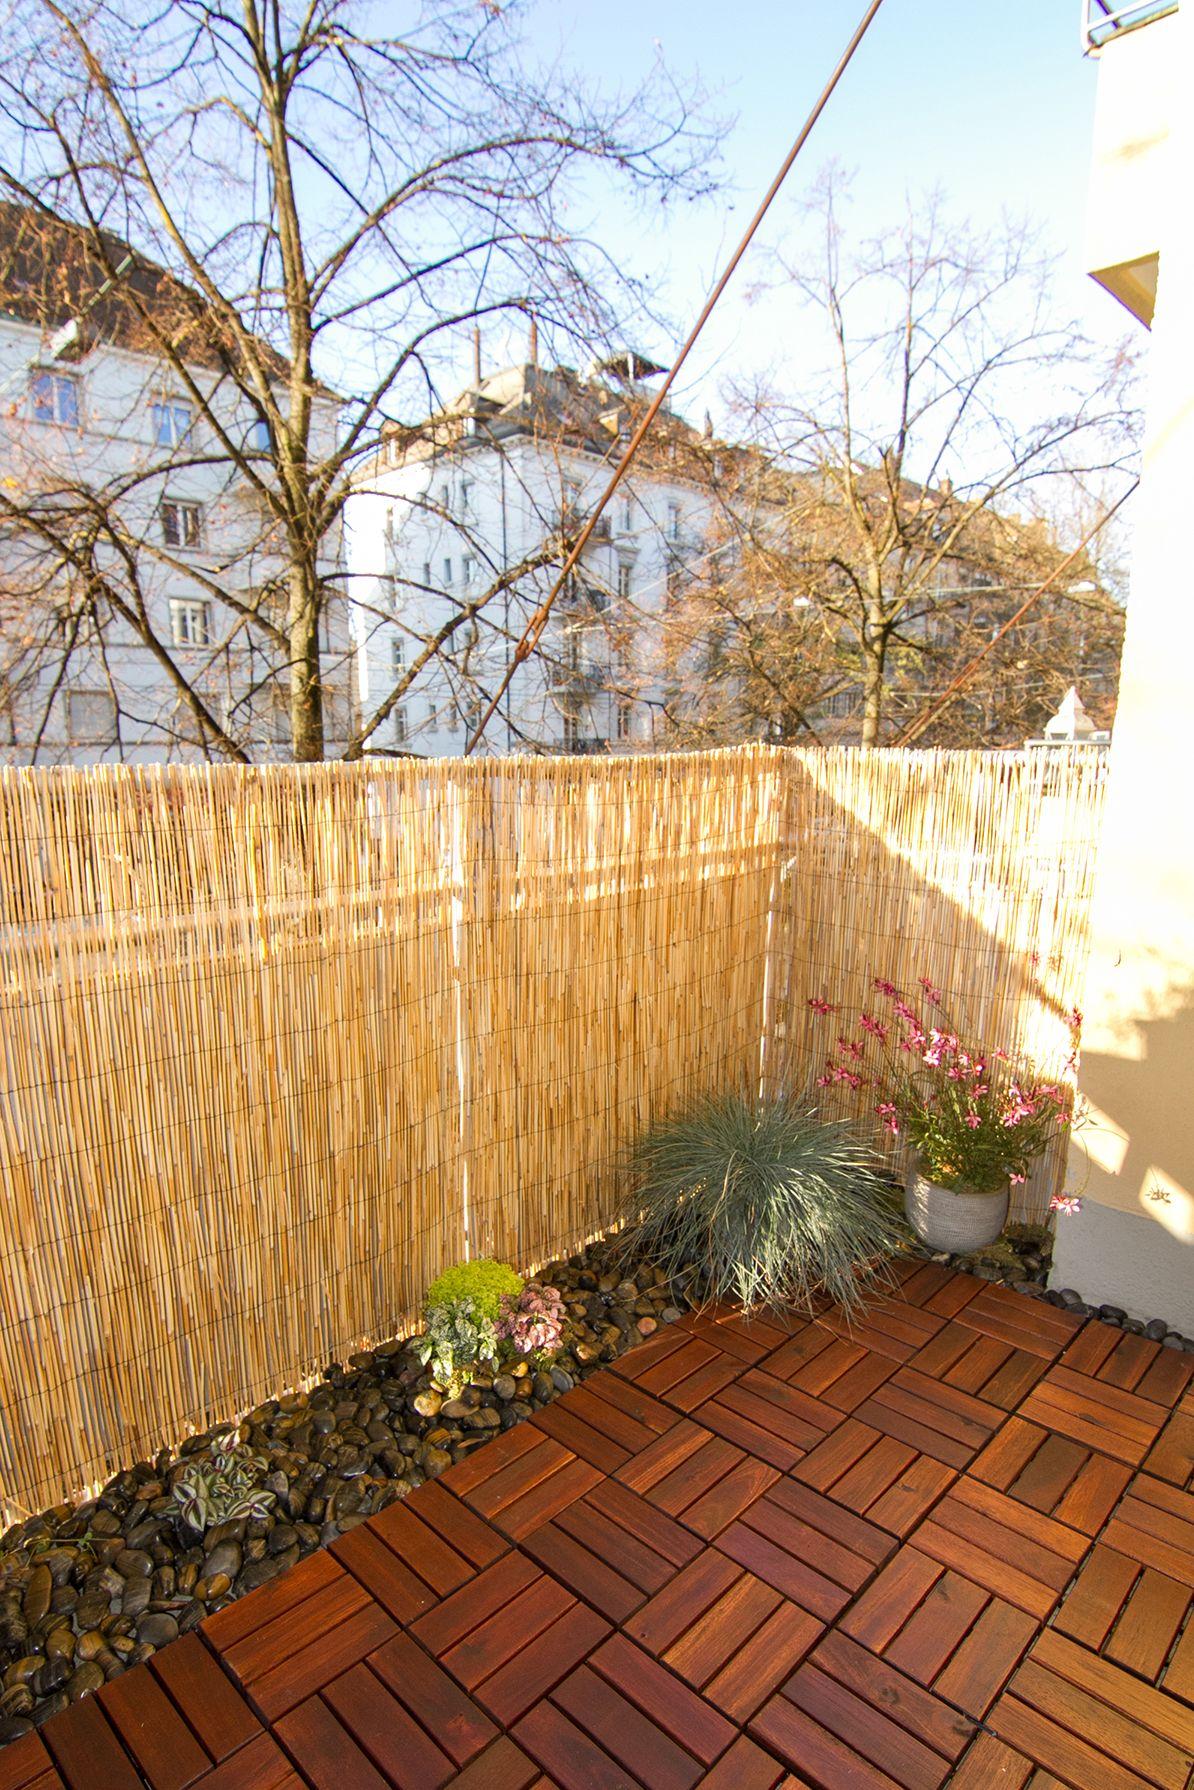 Full Size of Balkon Sichtschutz Bambus Ikea Balcony Diy In Progress Little Garden With Black And Terra Küche Kaufen Kosten Sichtschutzfolie Für Fenster Modulküche Bett Wohnzimmer Balkon Sichtschutz Bambus Ikea